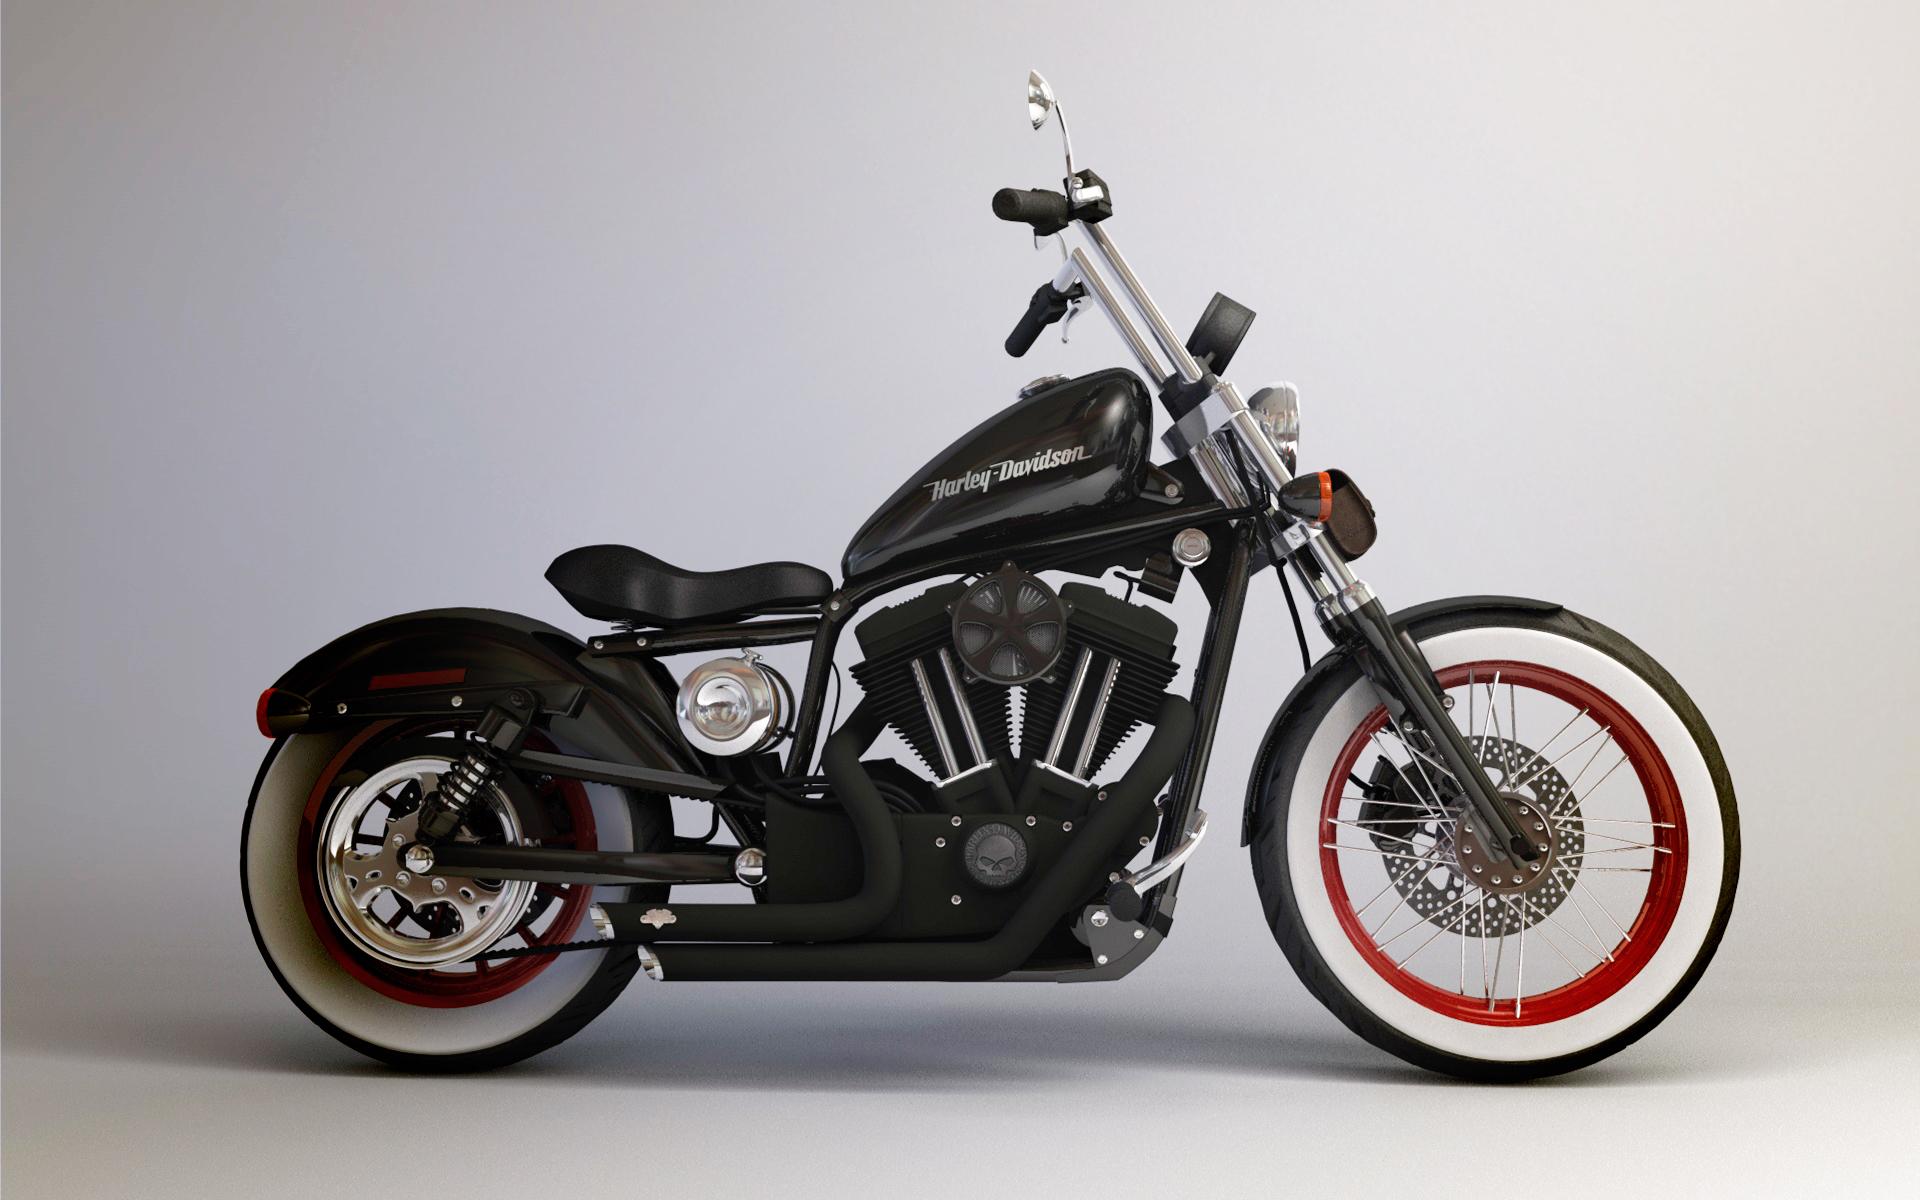 Harley Davidson Starting Price In Guwahati